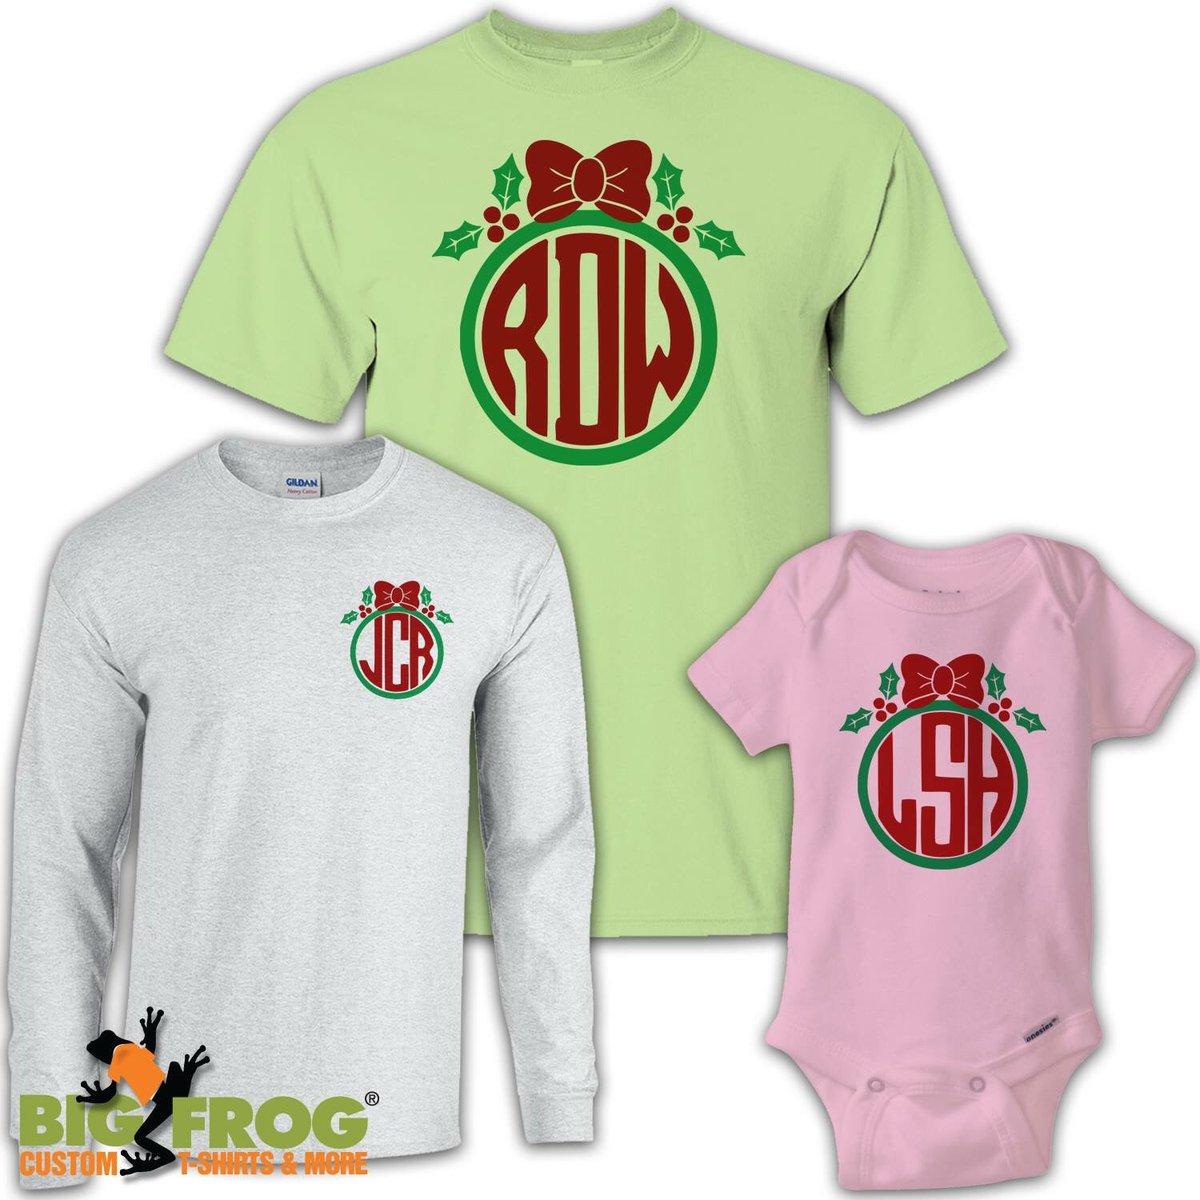 7ad1c86650d8 Big Frog Custom T Shirts Of Marietta Marietta Ga